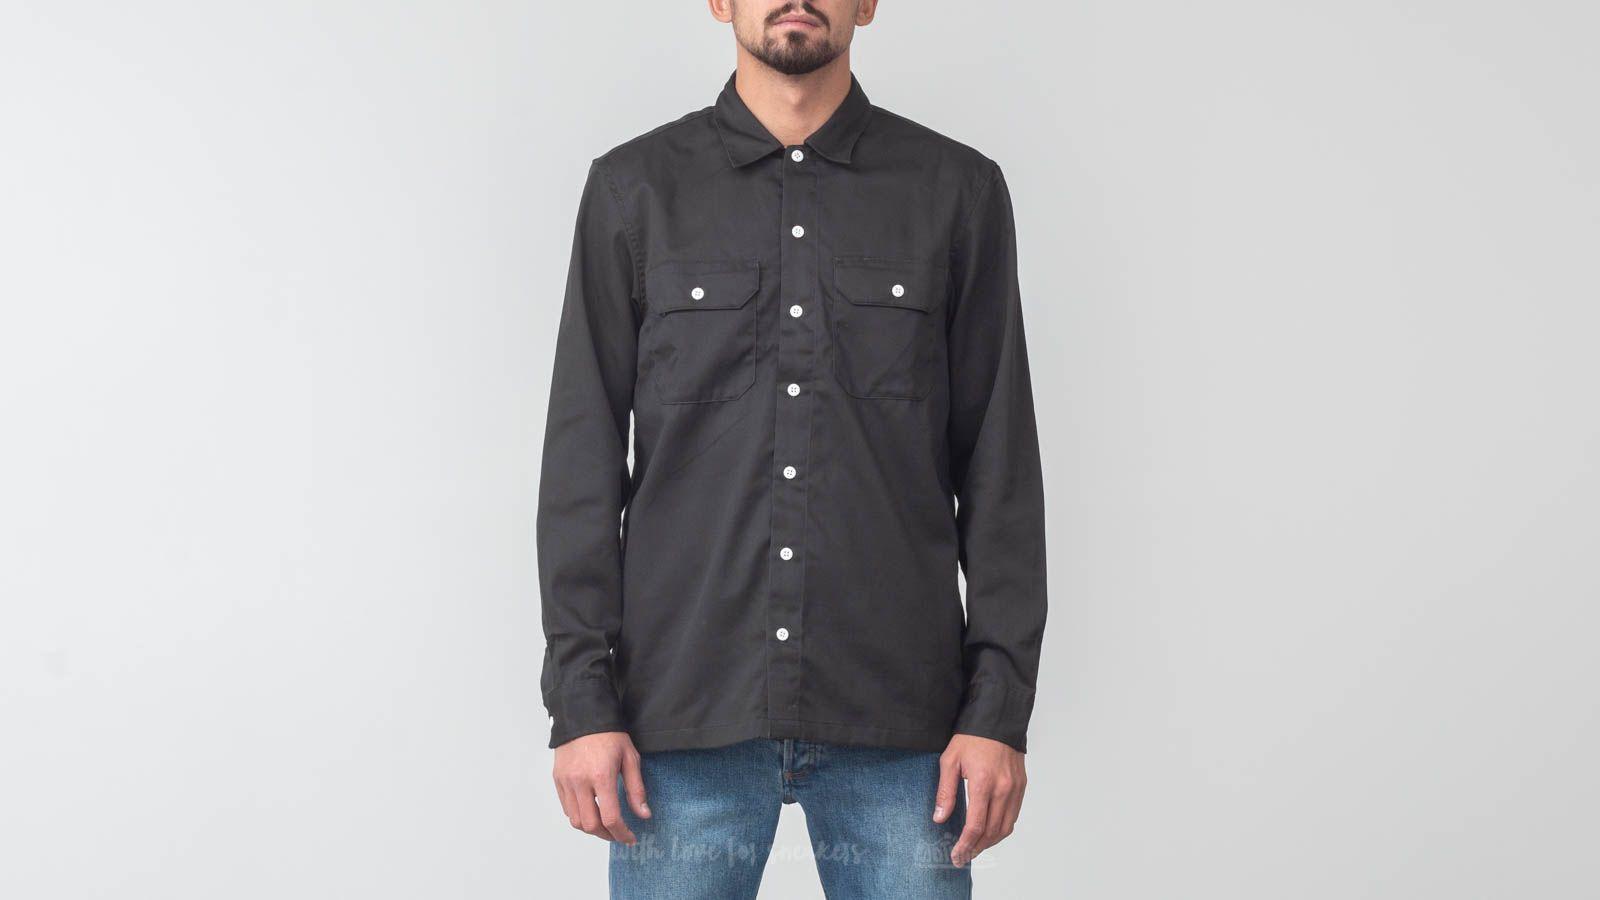 Carhartt WIP Longsleeve Master Shirt Asphalt Rinsed za skvělou cenu 1 190 Kč koupíte na Footshop.cz